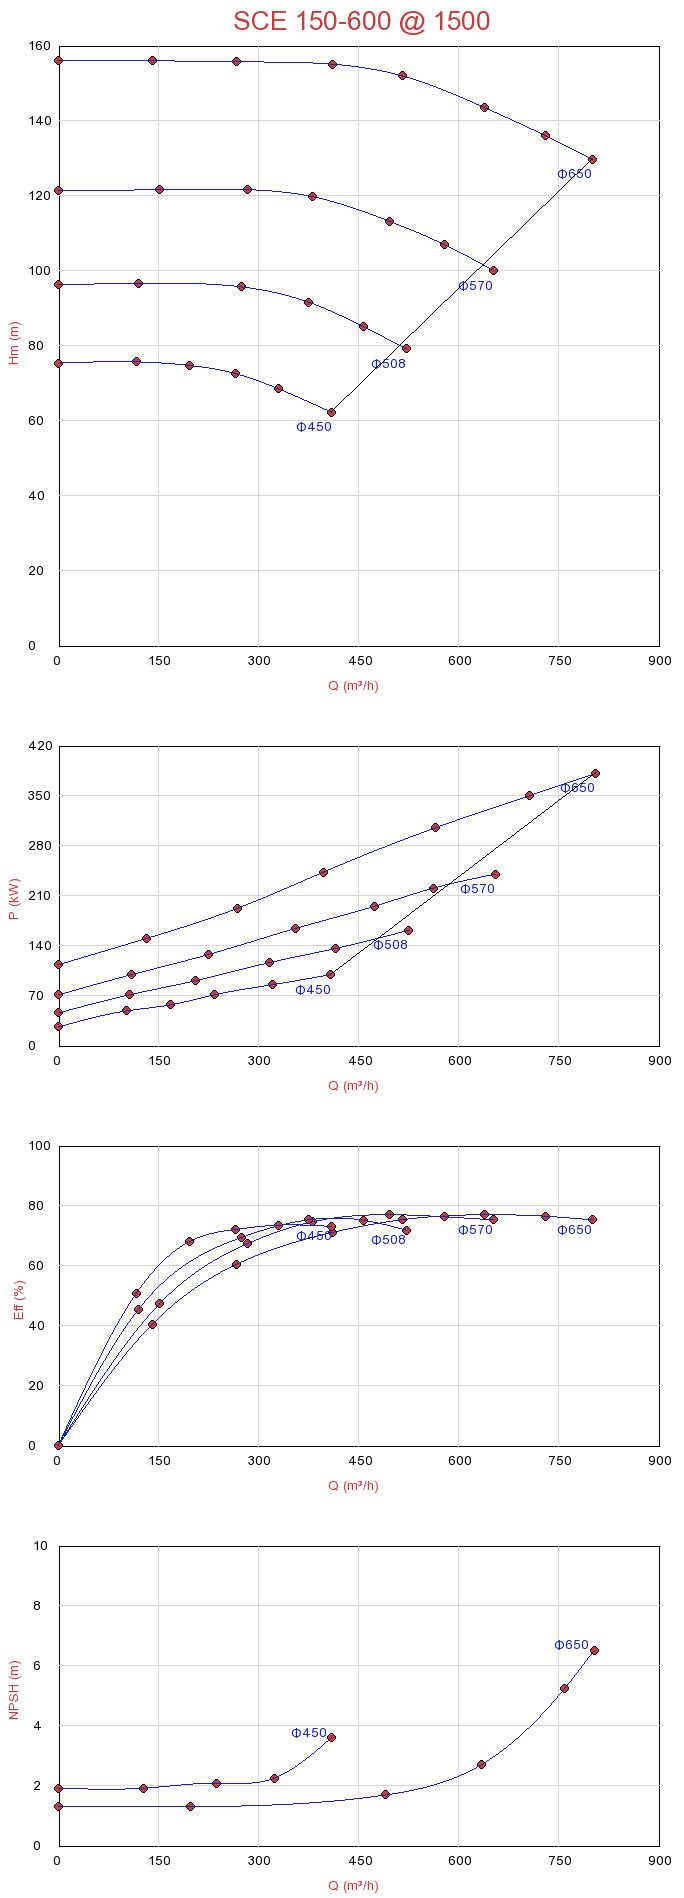 Biểu đồ lưu lượng máy bơm ly tâm hút đôi Sempa SCE 150-600